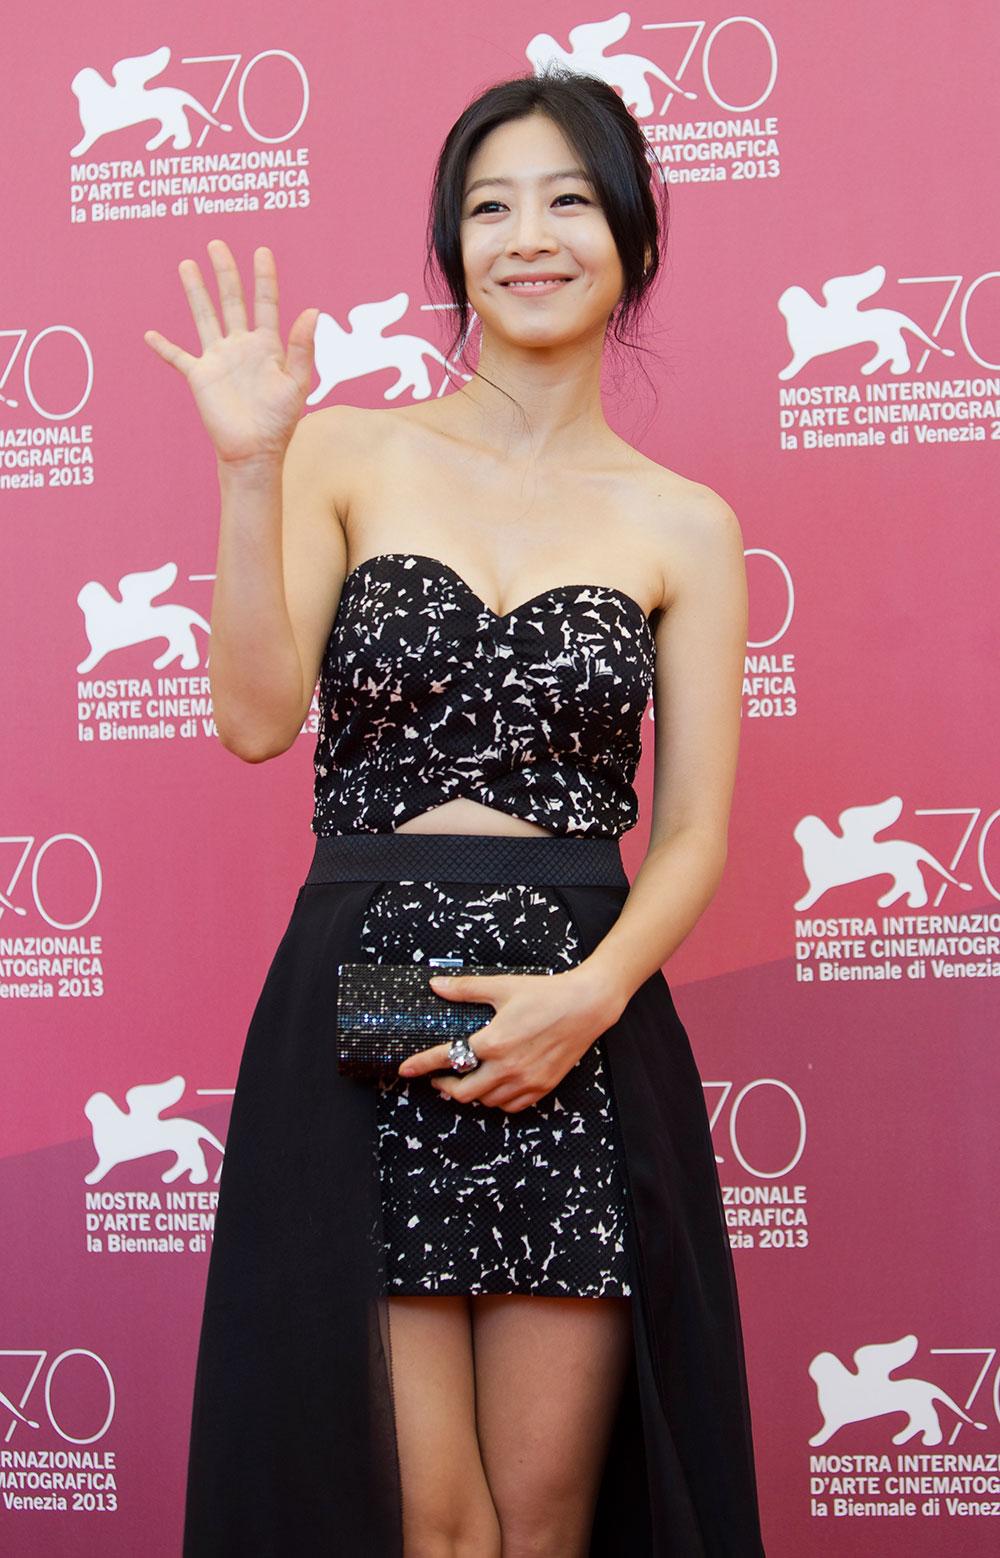 70वें वेनिस फिल्म फेस्टिवल के दौरान पोज देती अभिनेत्री ली ऊन-वू।